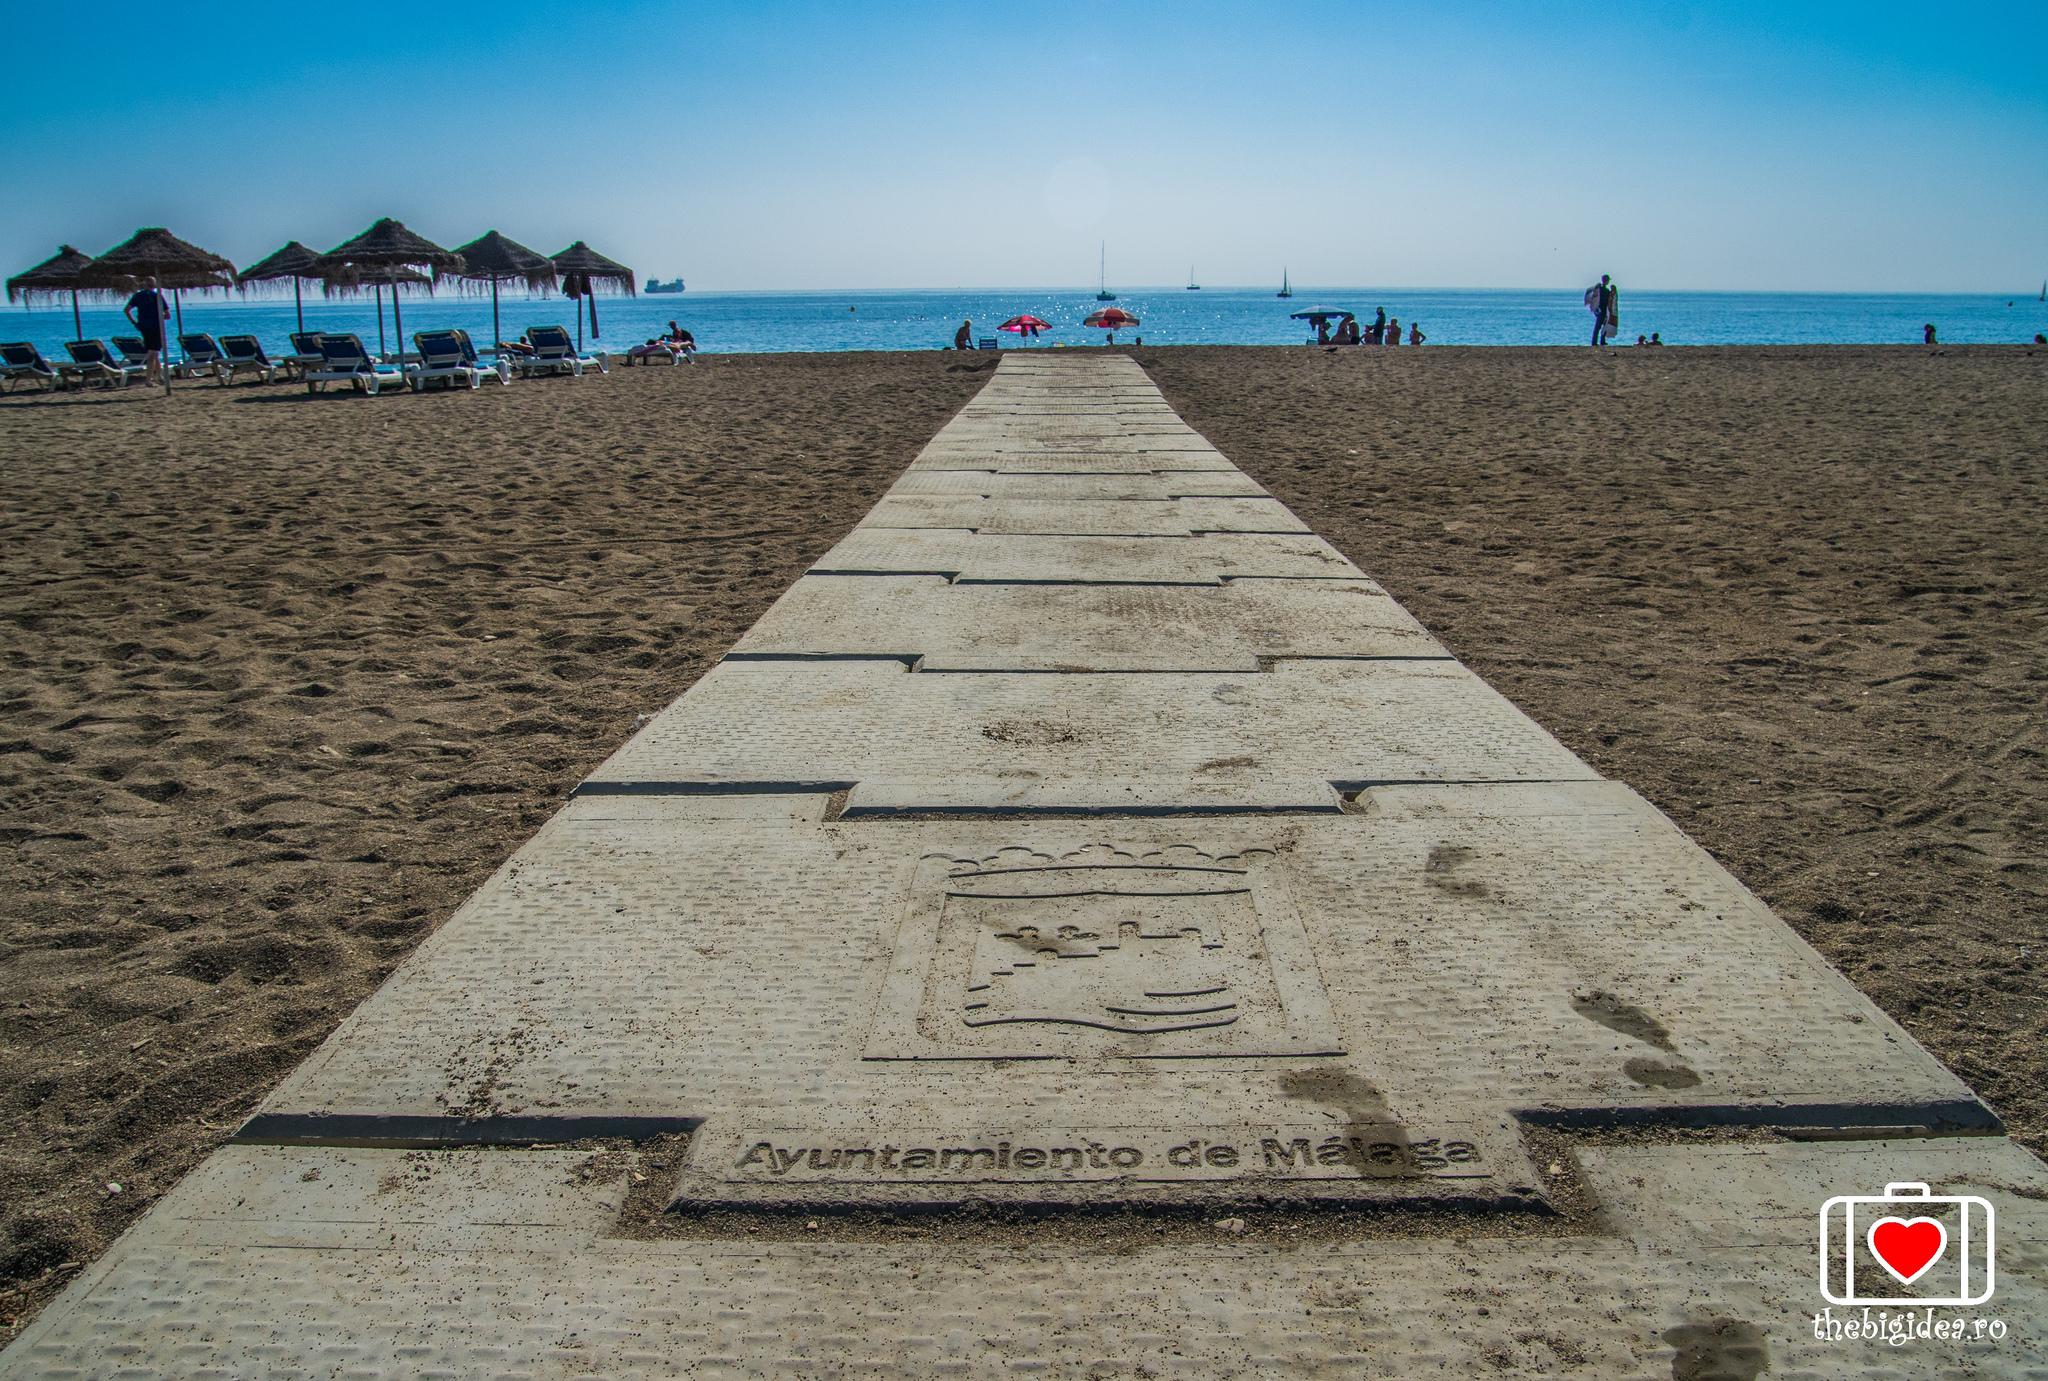 Amintirea unei plaje